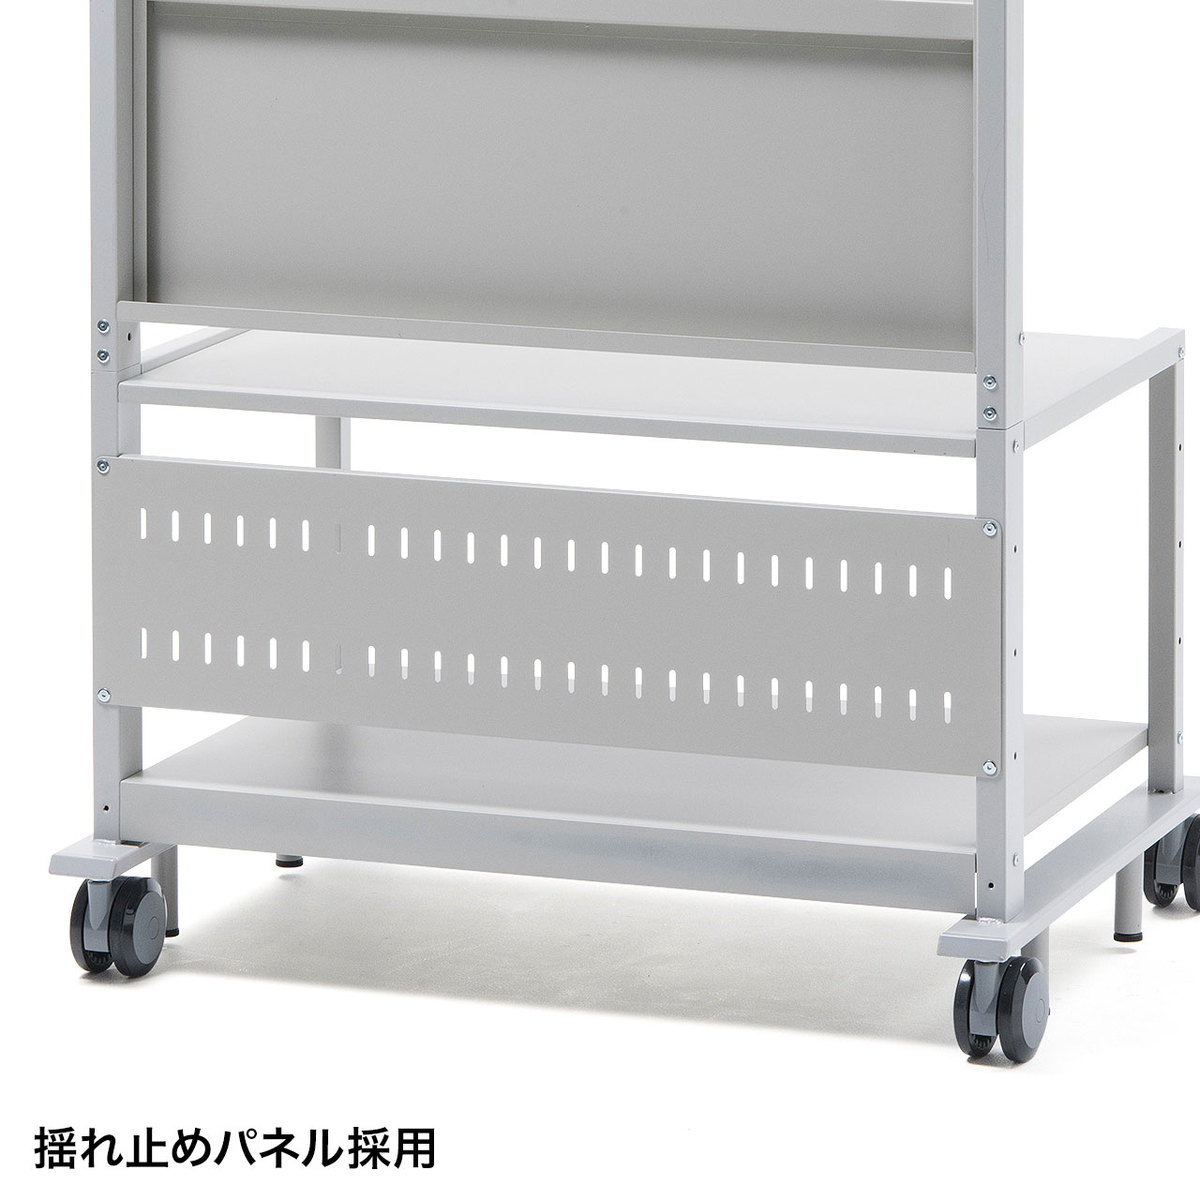 [CR-PL101SCGY] 【代引き不可】55〜84型対応液晶ディスプレイスタンド